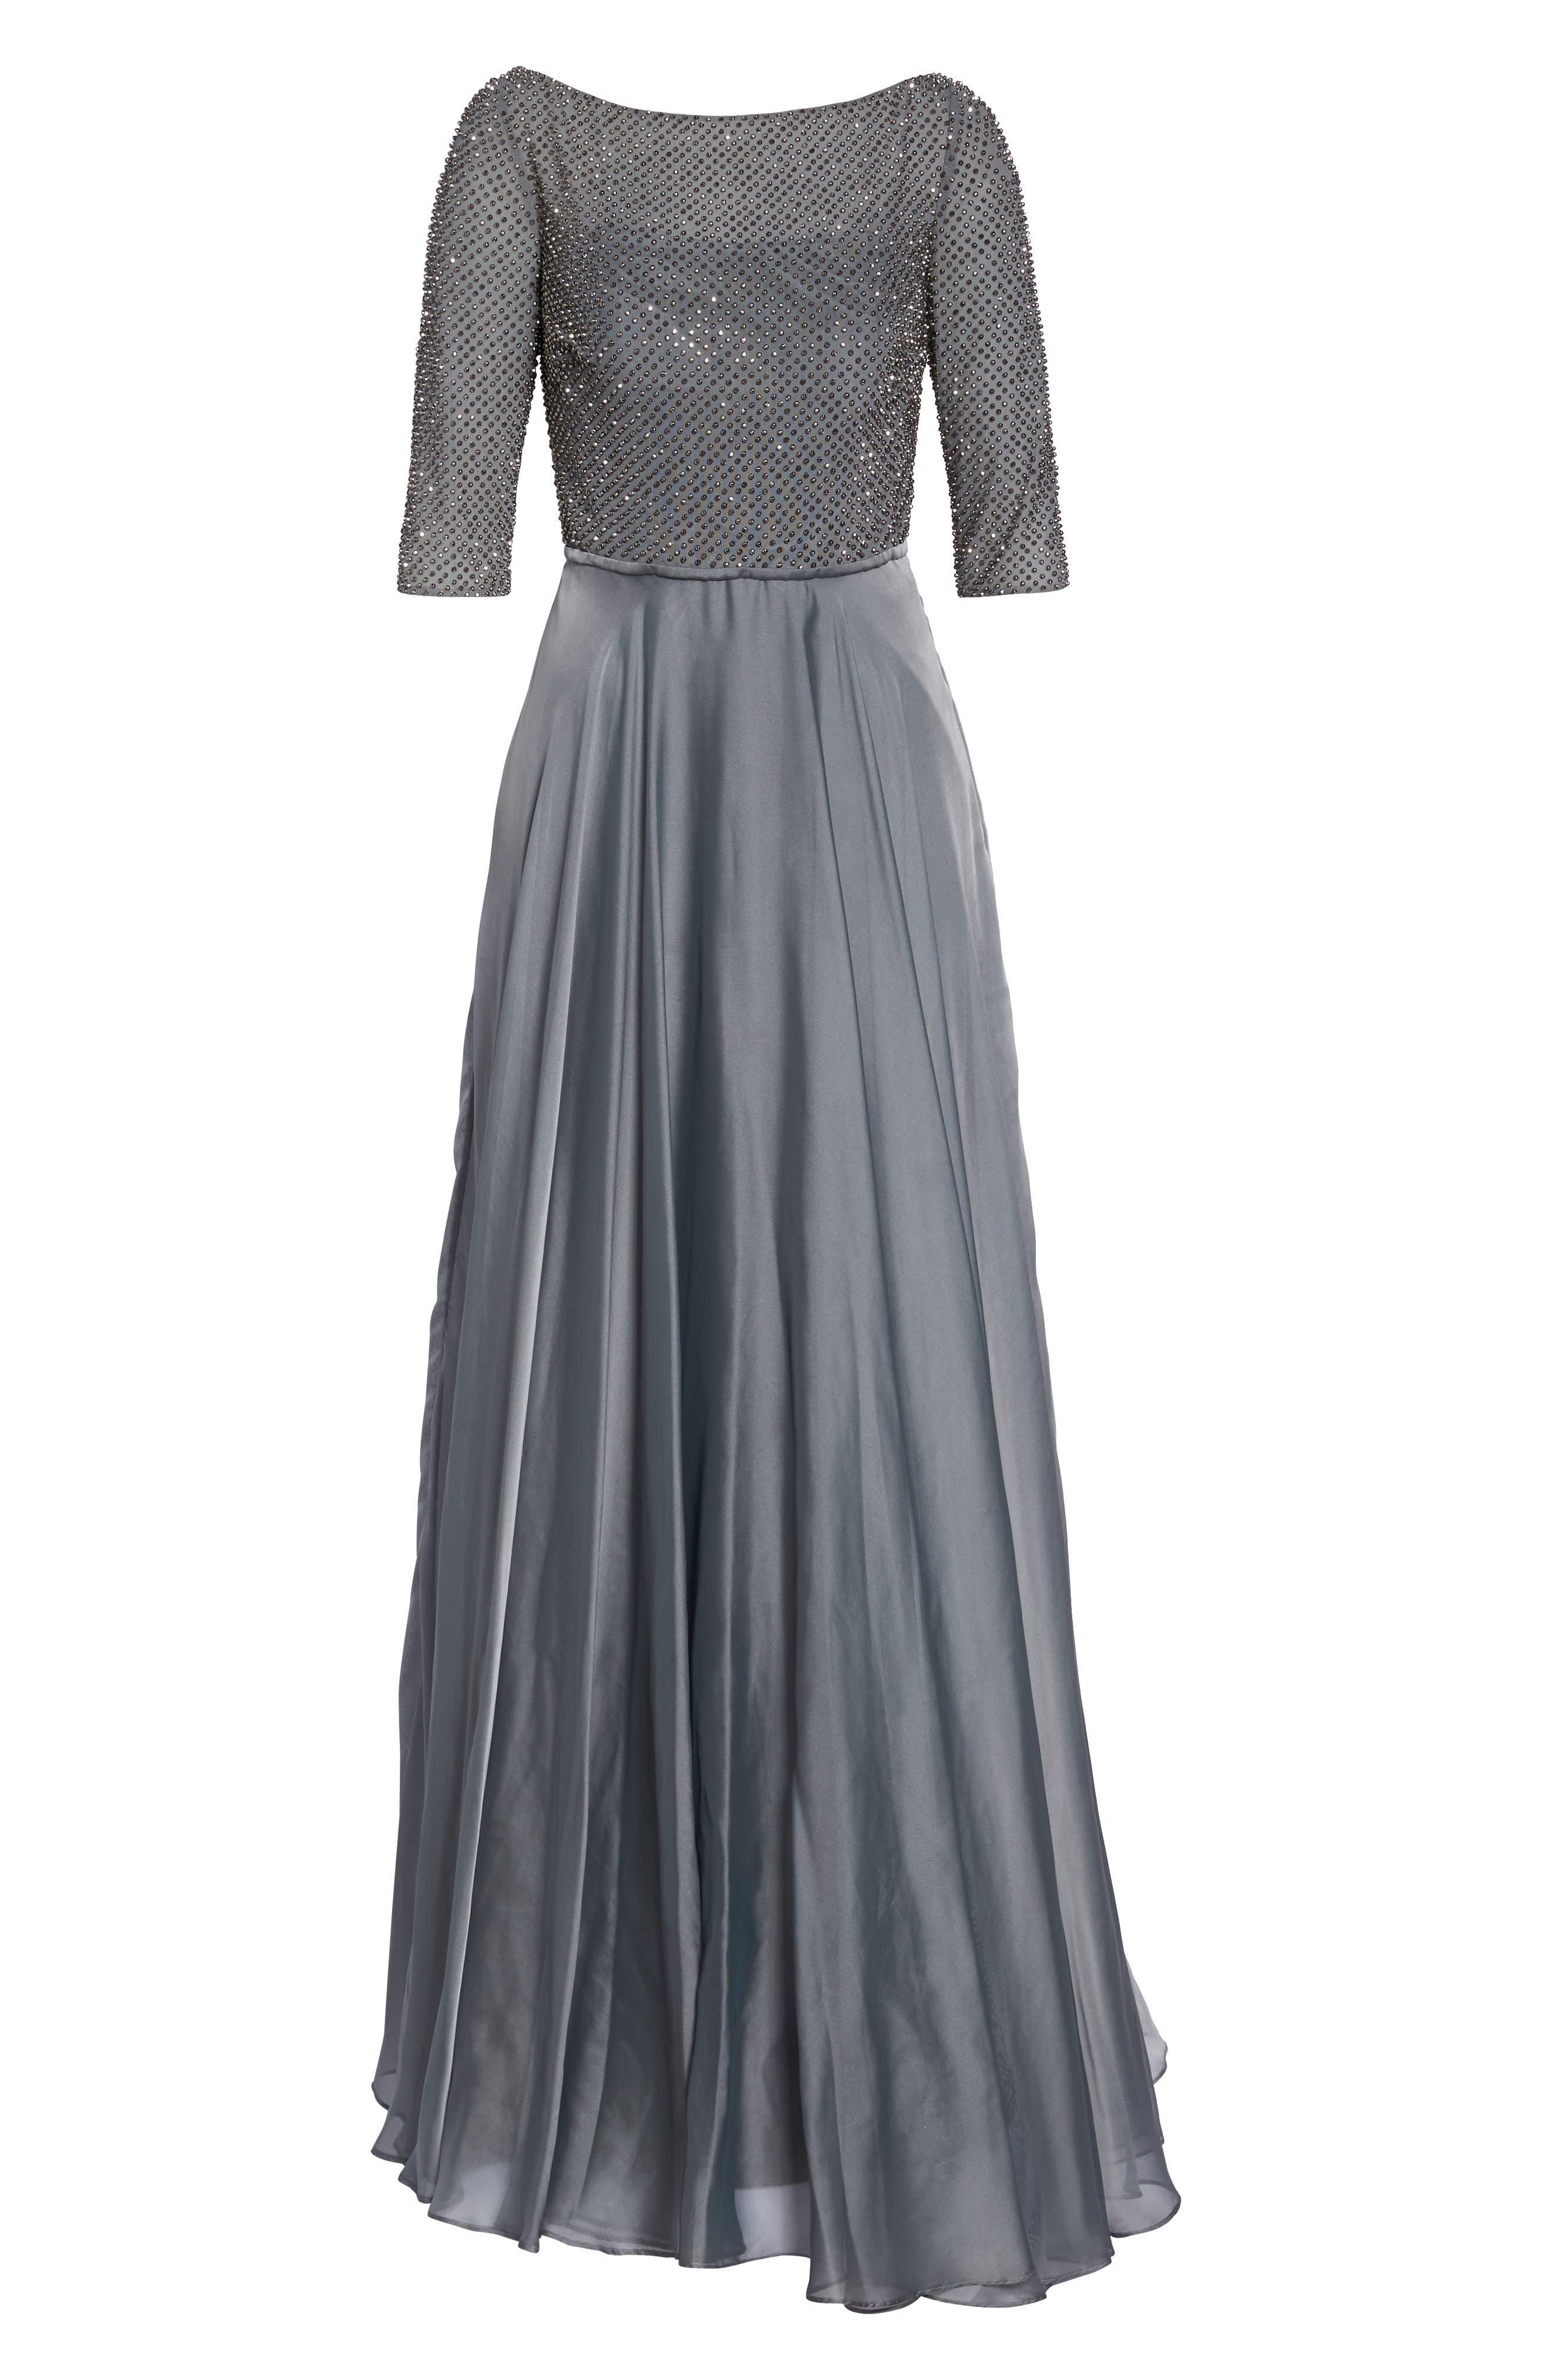 LA FEMME, Embellished Bodice Gown, Alternate thumbnail 6, color, PLATINUM